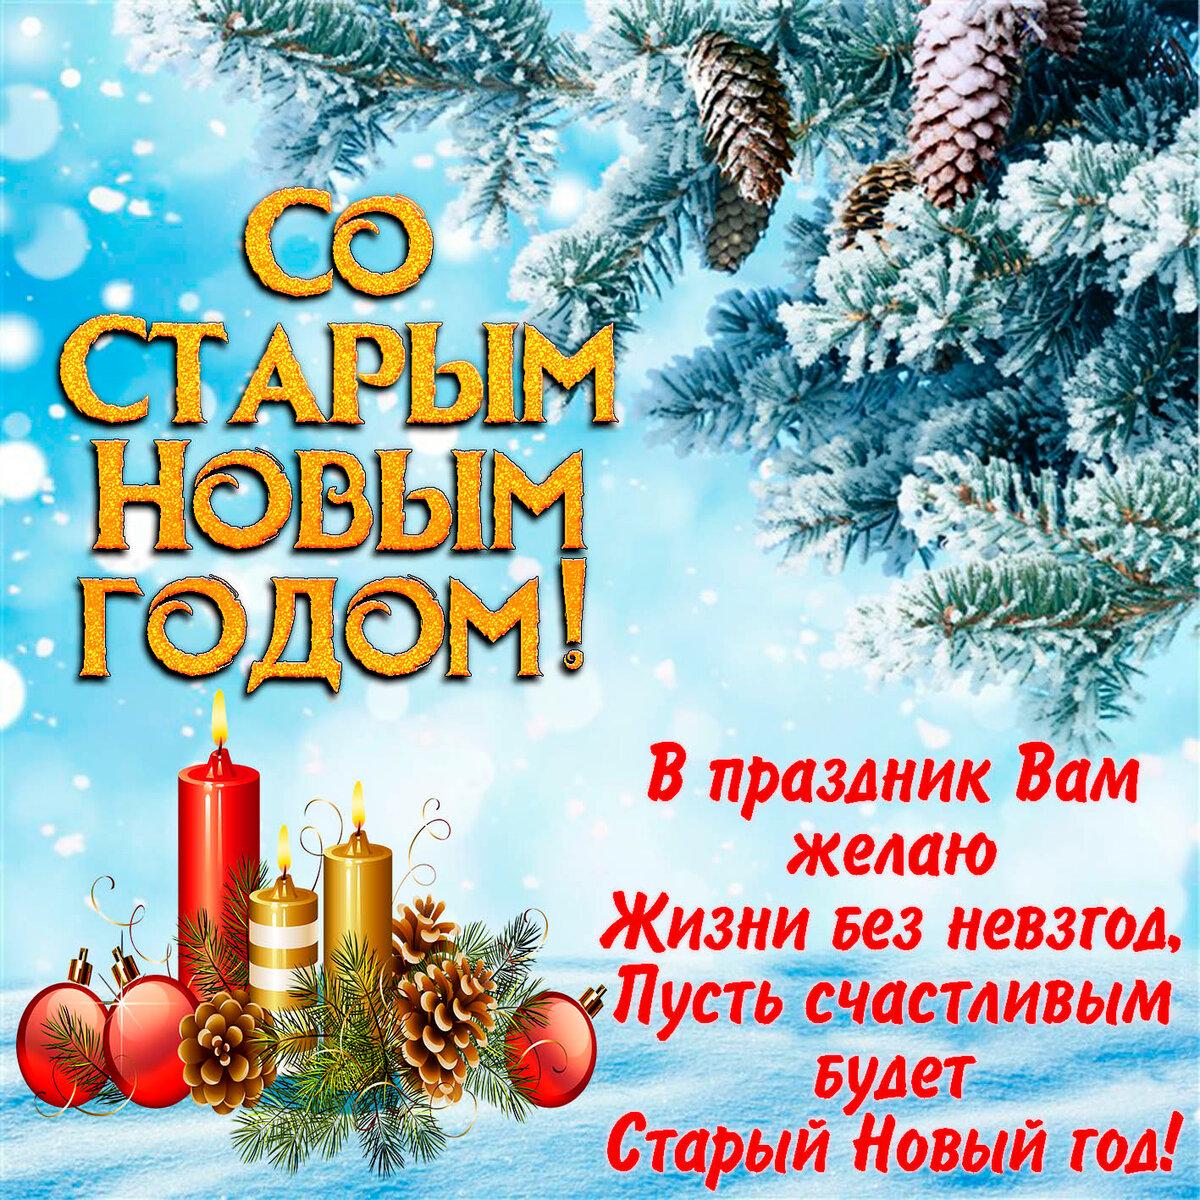 Написать открытке, открытка с новогодним поздравлением пожилому